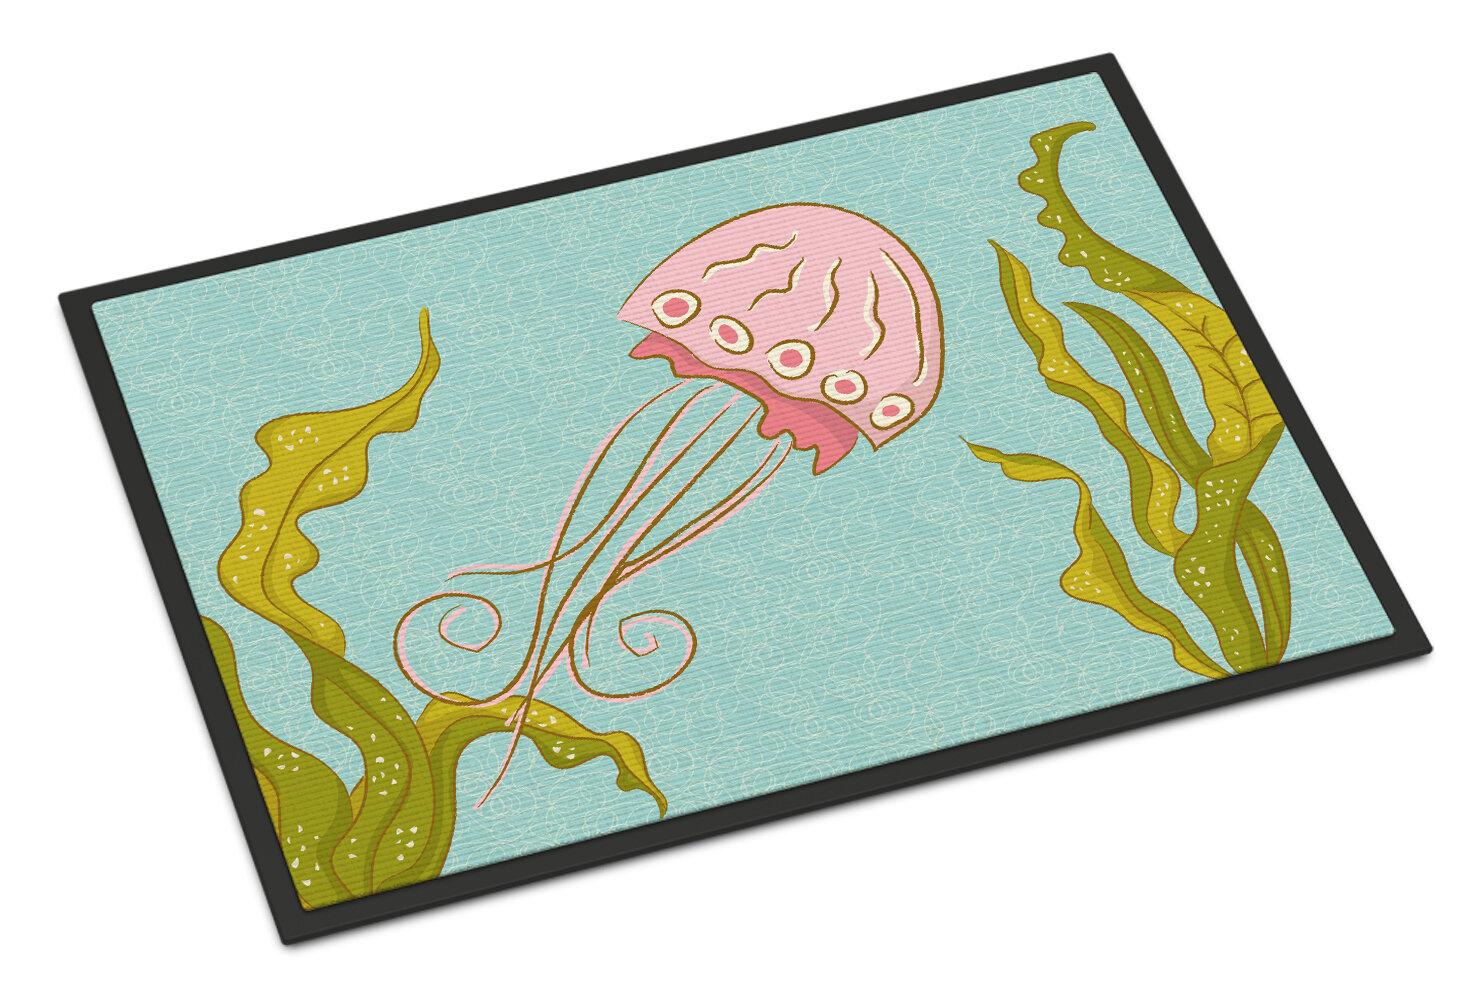 East Urban Home Jelly Fish Non Slip Outdoor Door Mat Wayfair